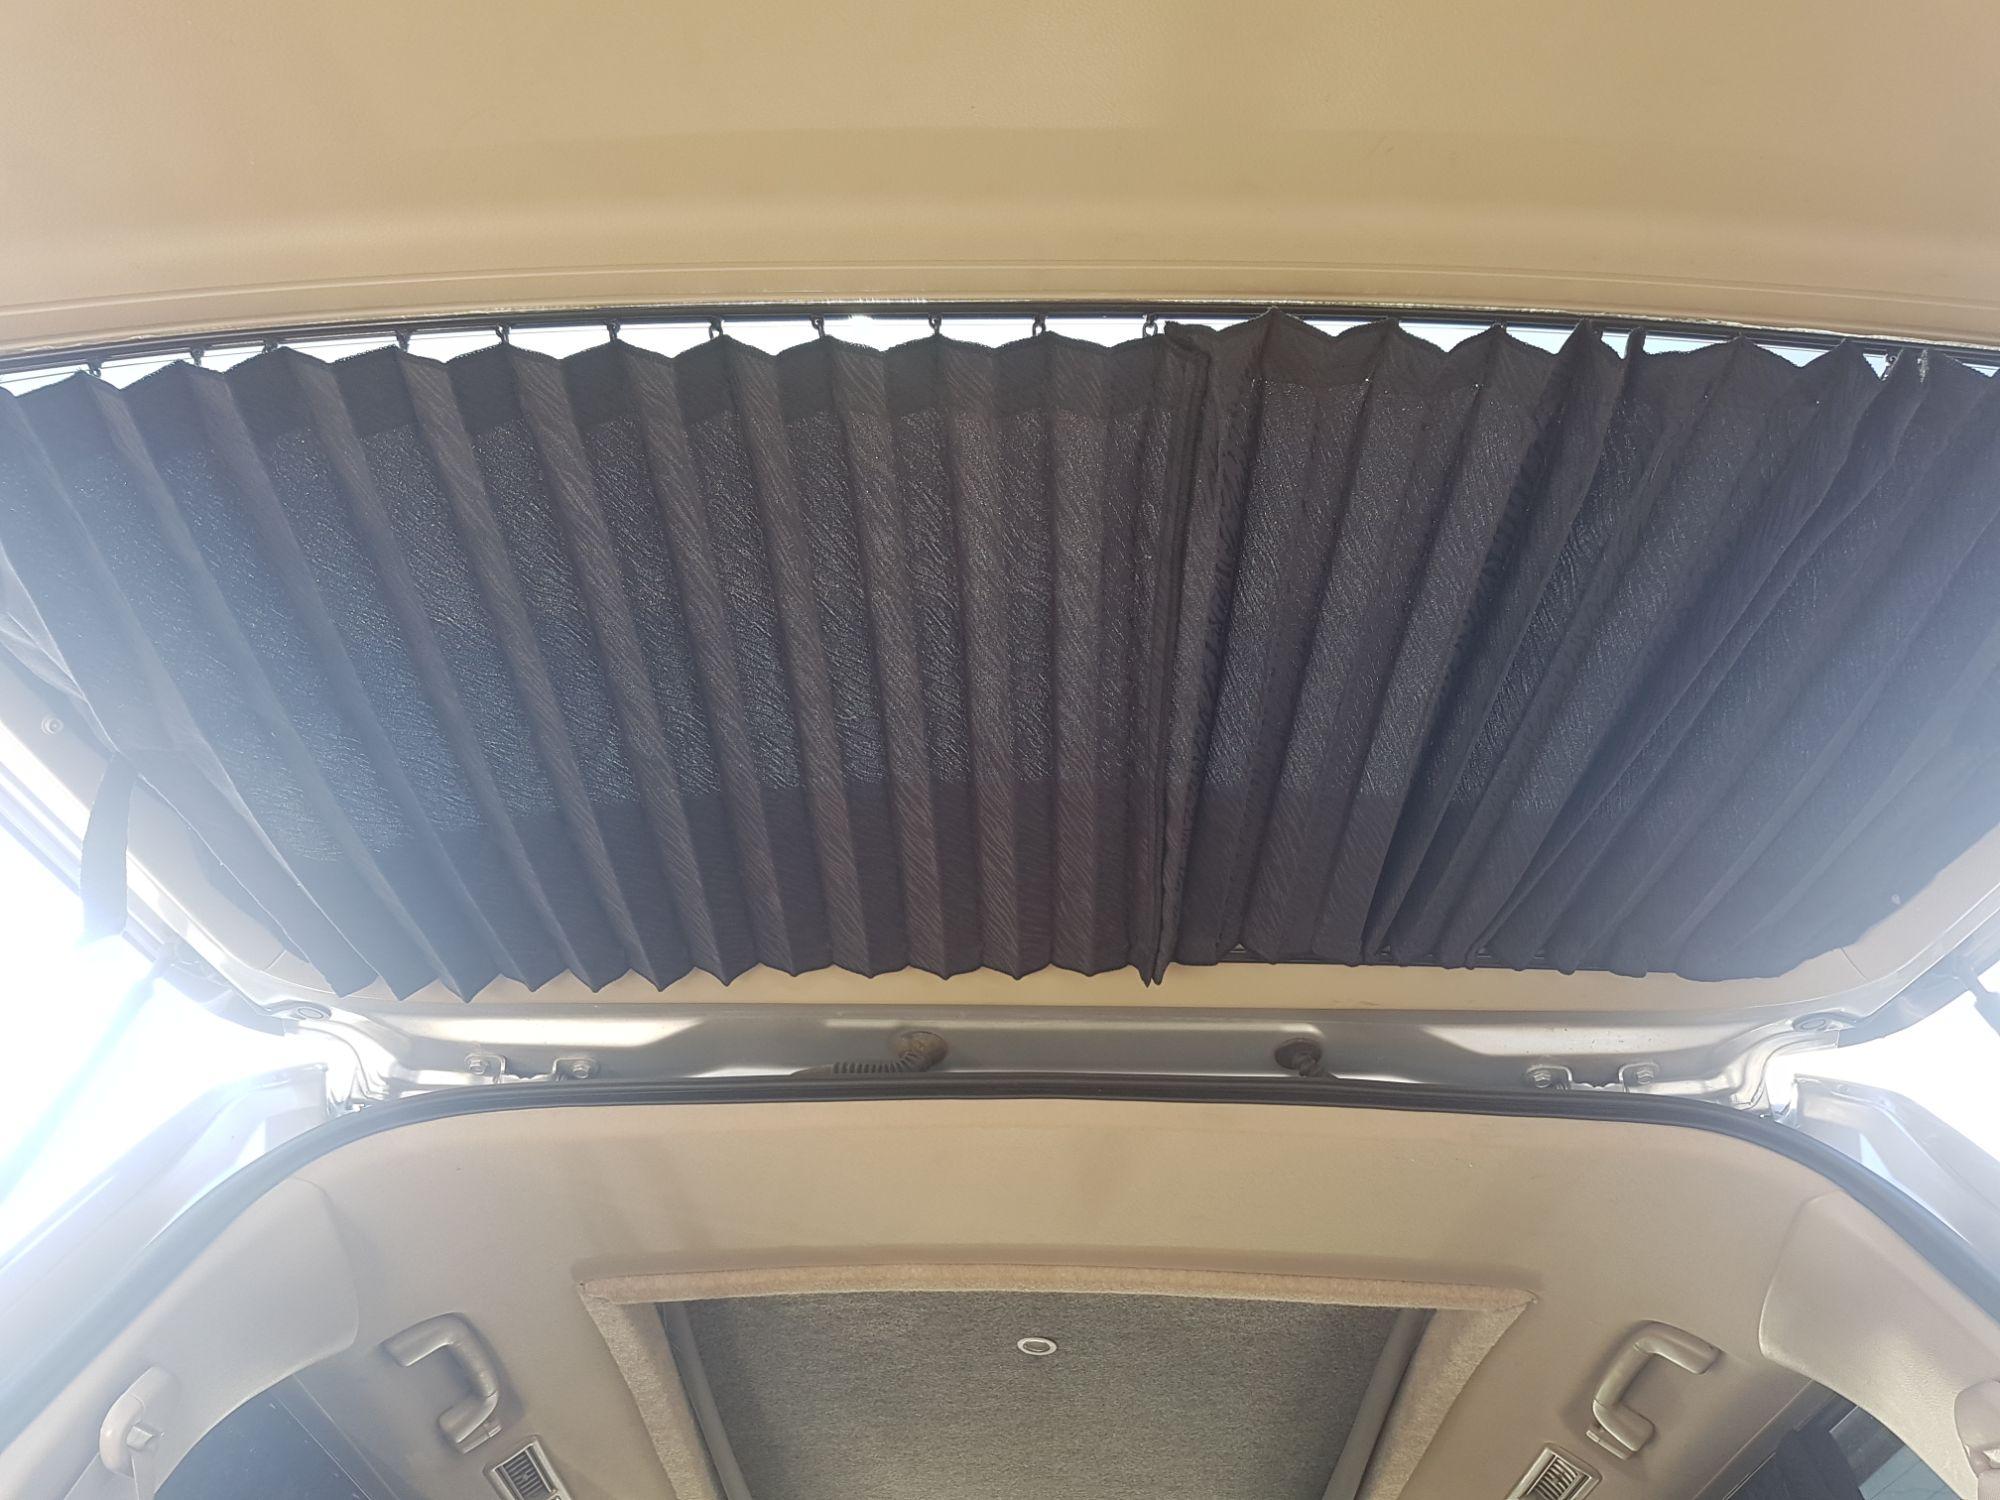 Alphard Curtains (41)